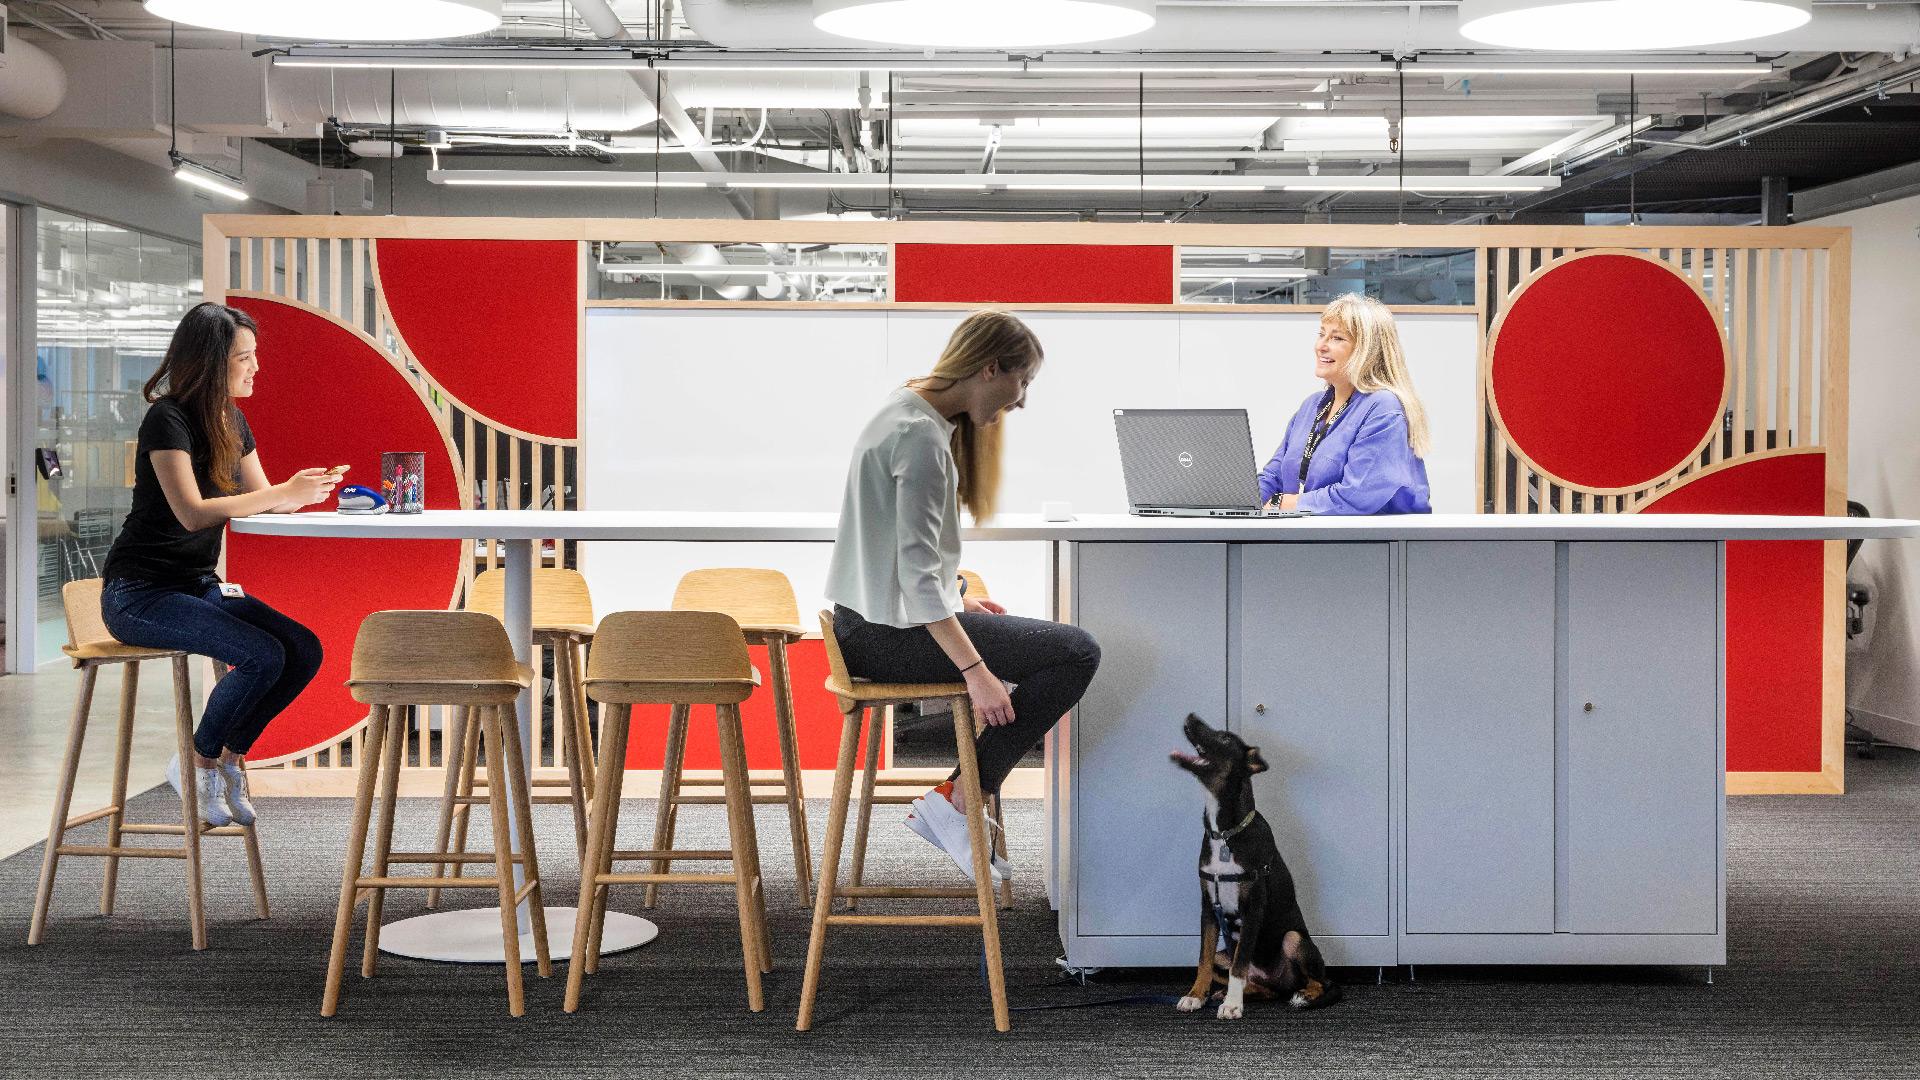 الموظف الناجح يتألق في بيئة العمل السعيدة